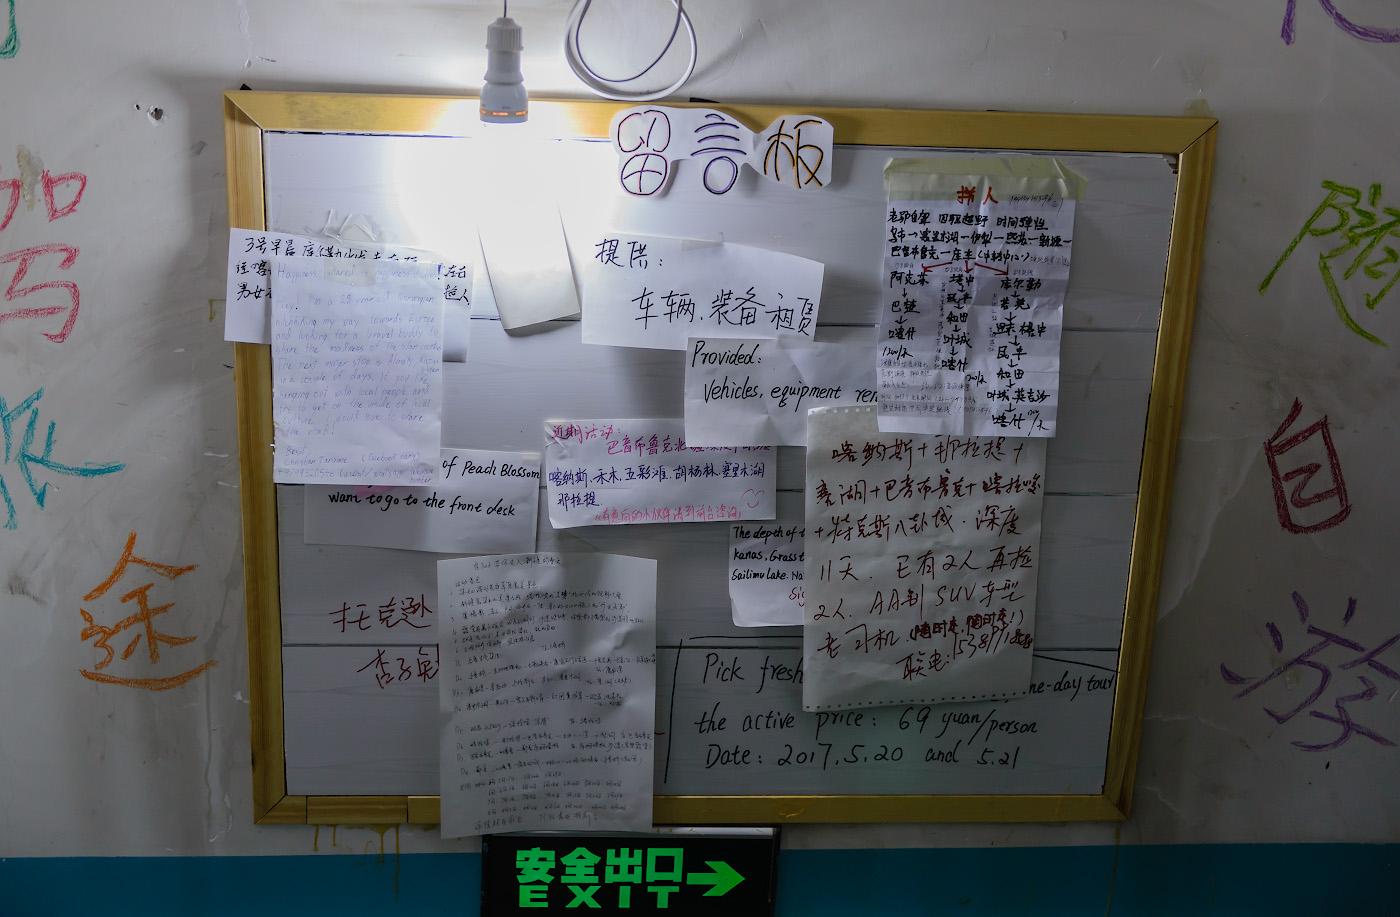 Фото 3. Доска объявлений в хостеле «Ziyou International Youth Hostel», где мы жили в Урумчи. Отзывы туристов из России о поездке в Китай. 1/100, +1.0, 2.8, 1250, 48.